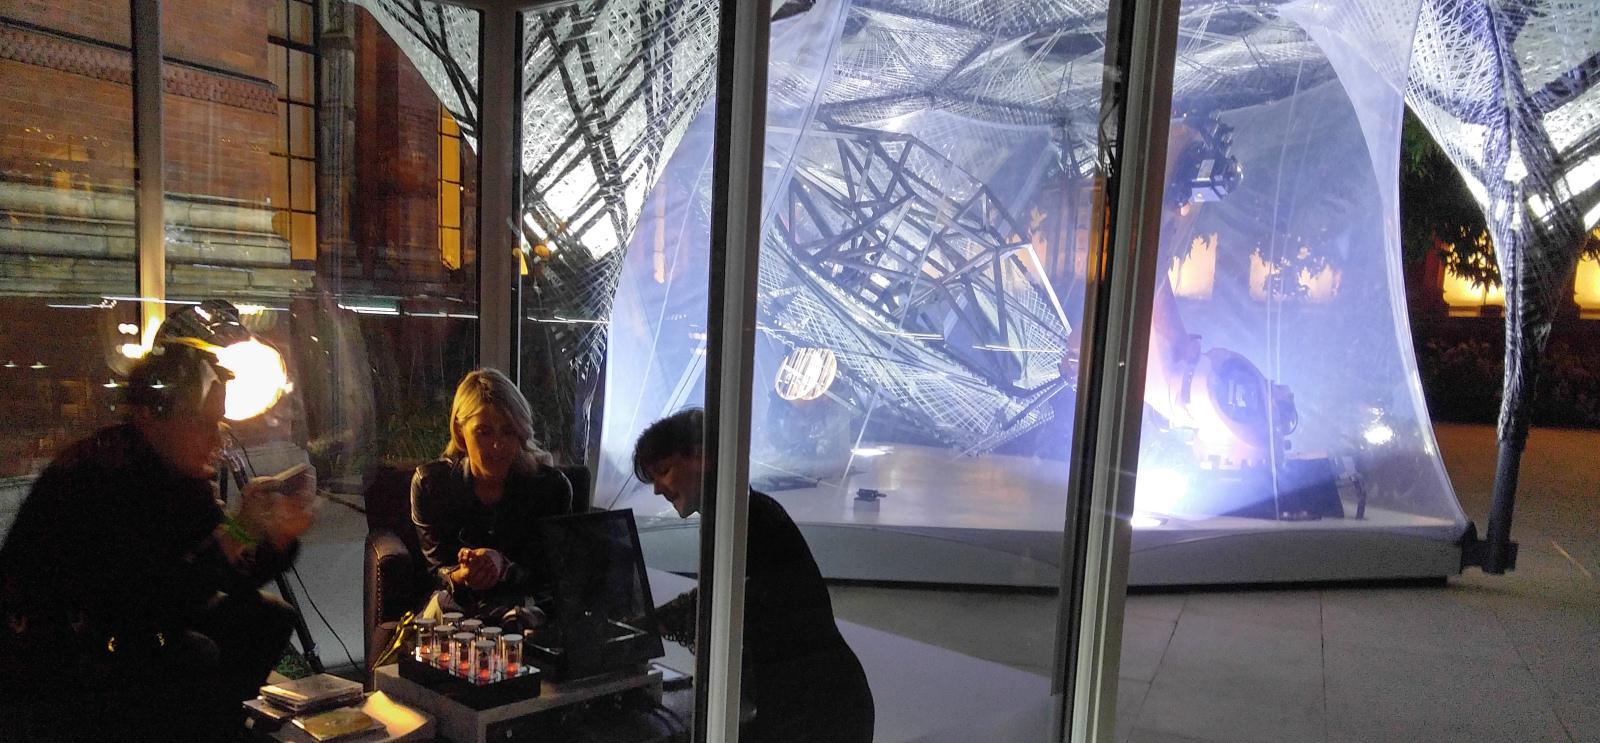 Efter en svær start er Sennheisers megedyre HE1-hovedtelefon klar. Her demonstreret på Victoria and Albert Museum i London. Foto: John Alex Hvidlykke, Lyd & Billede